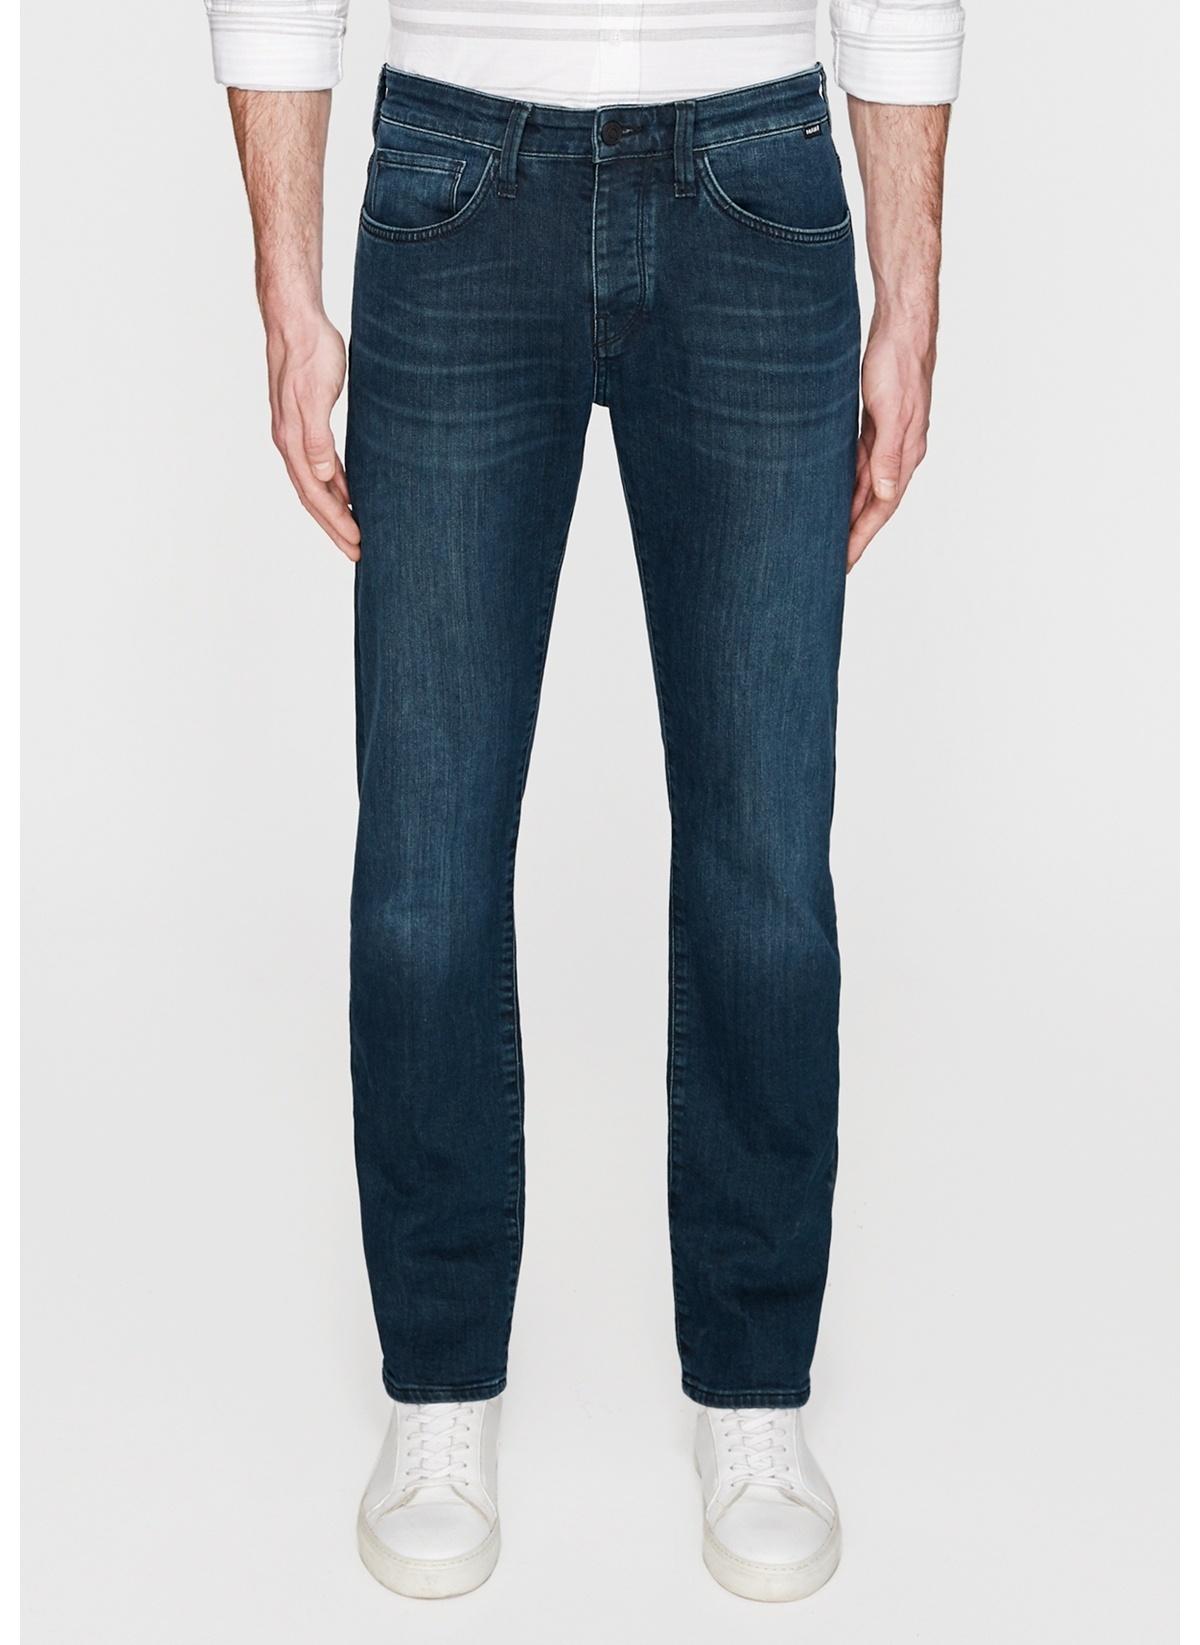 Mavi Jean Pantolon   Pierre – Slim 0020928603 Pierre Comfort Jean Pantolon – 159.99 TL